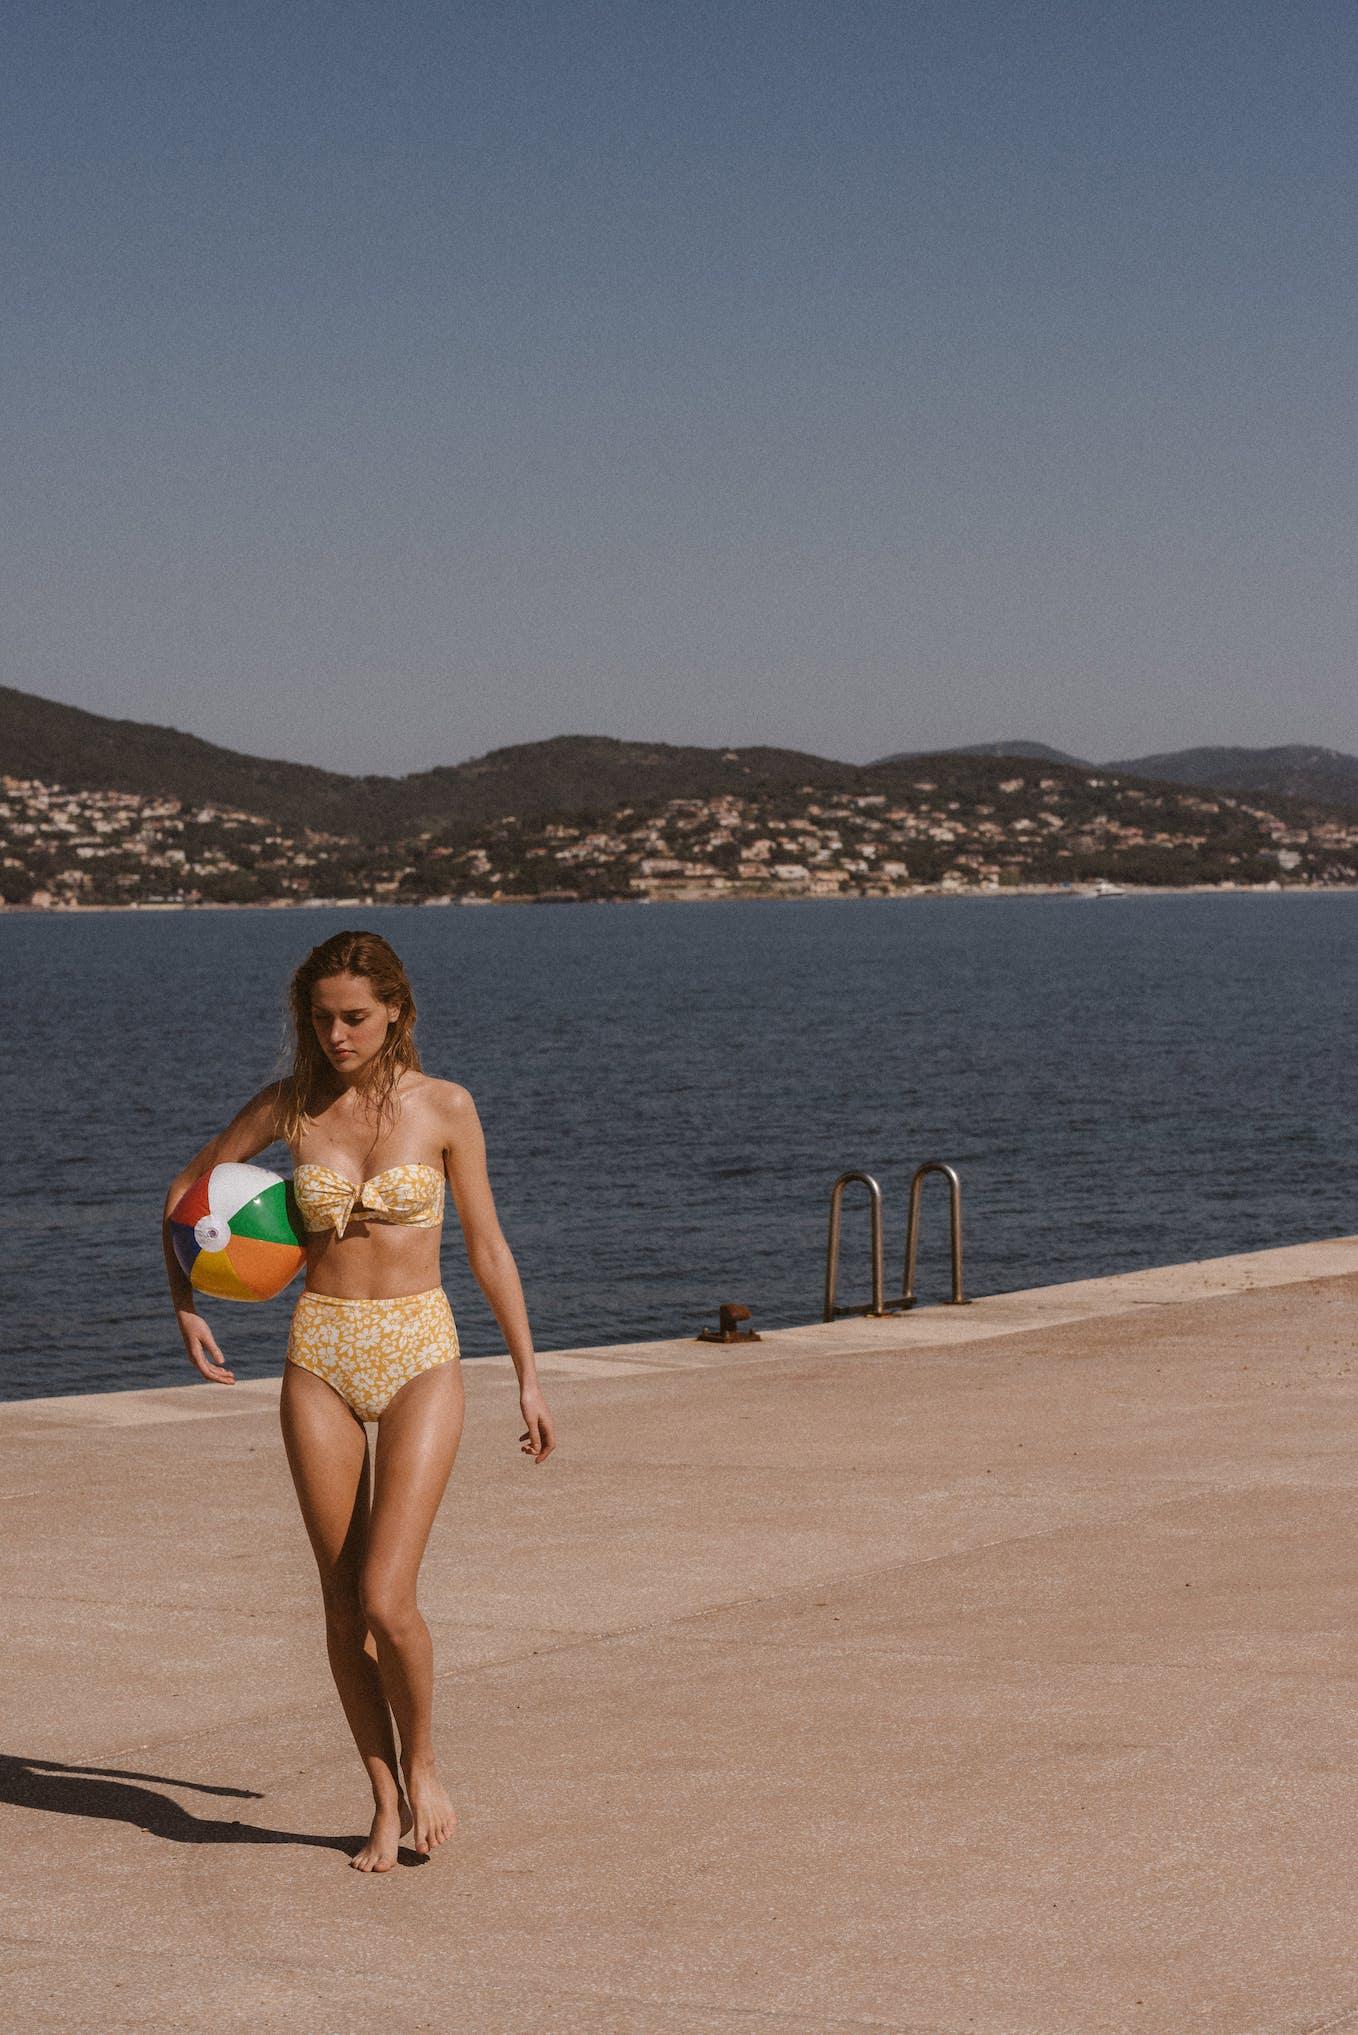 Swimsuit Sur le sable yellow floral print